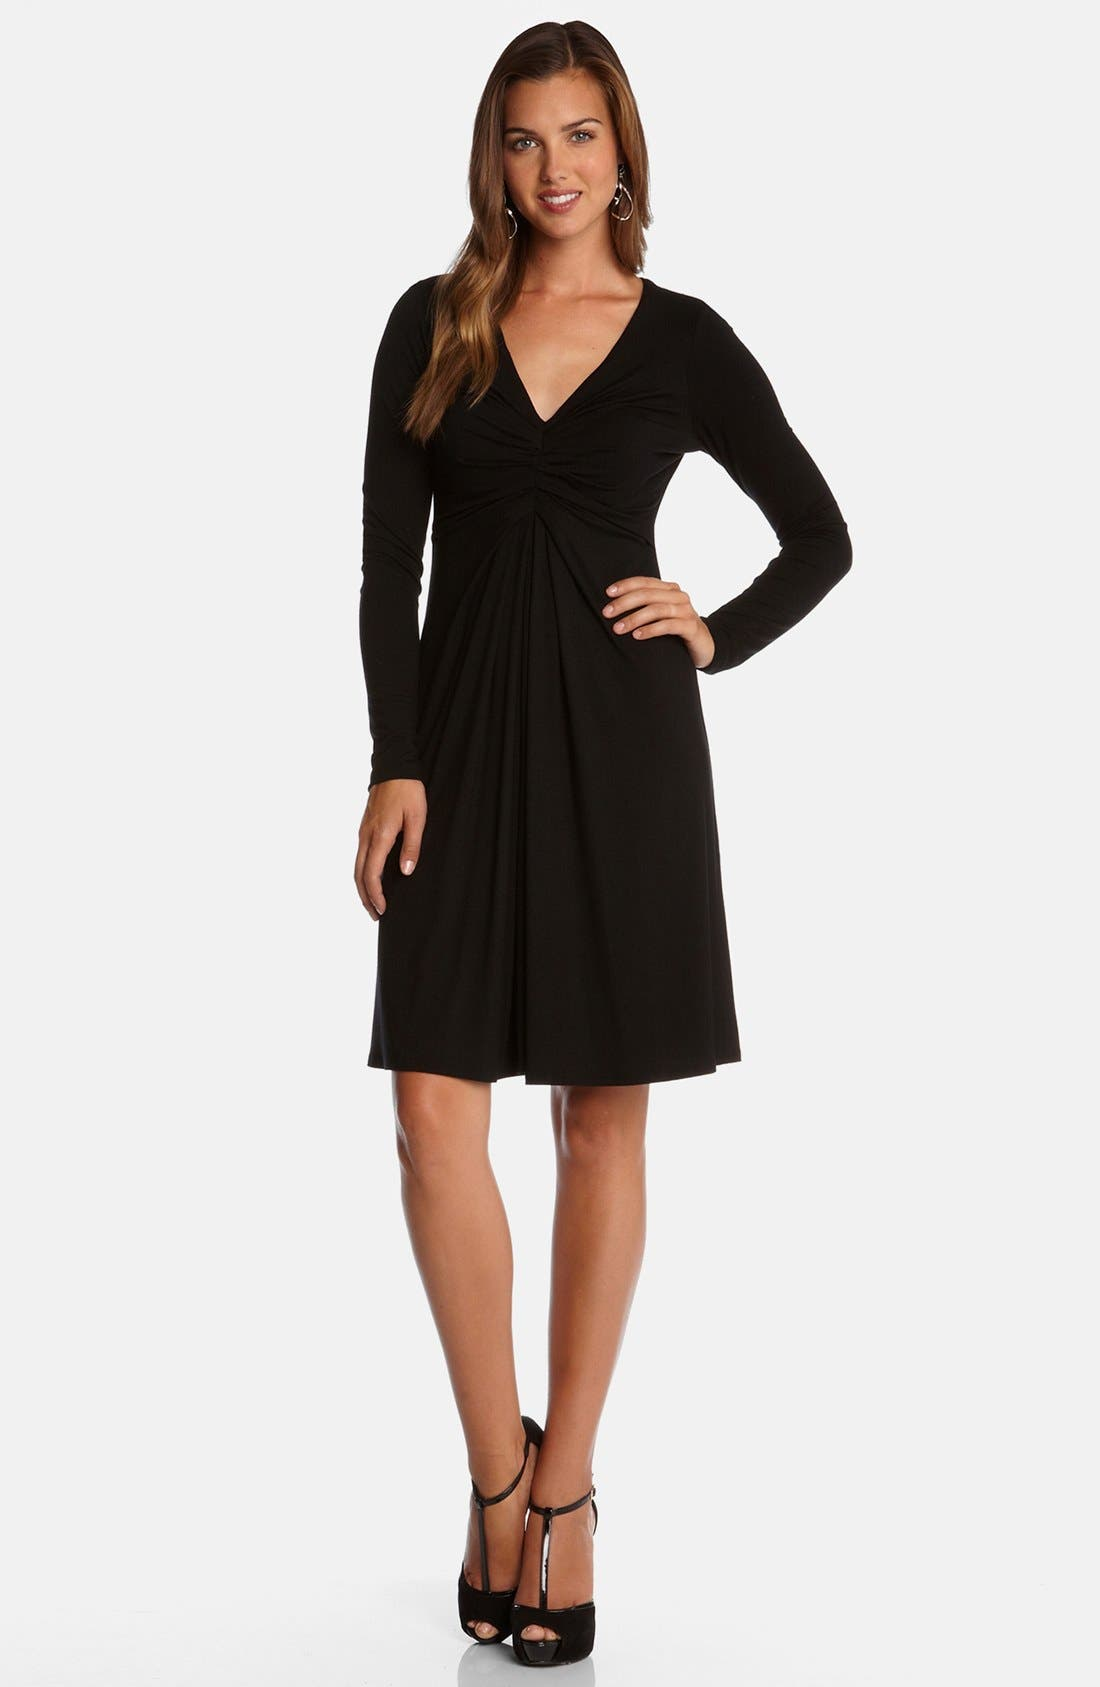 Alternate Image 3  - Karen Kane 'Elizabeth' Stretch Fit & Flare Dress